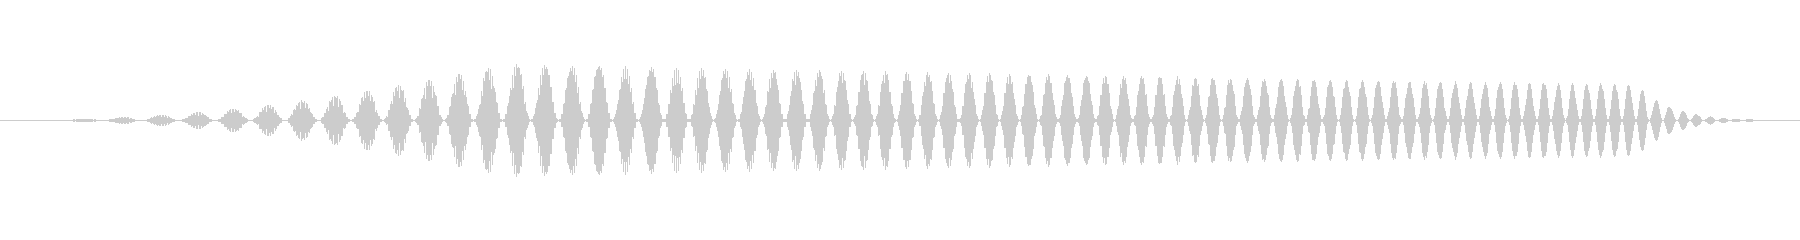 ヒュイ(スワイプ、フリック系の音)の未再生の波形